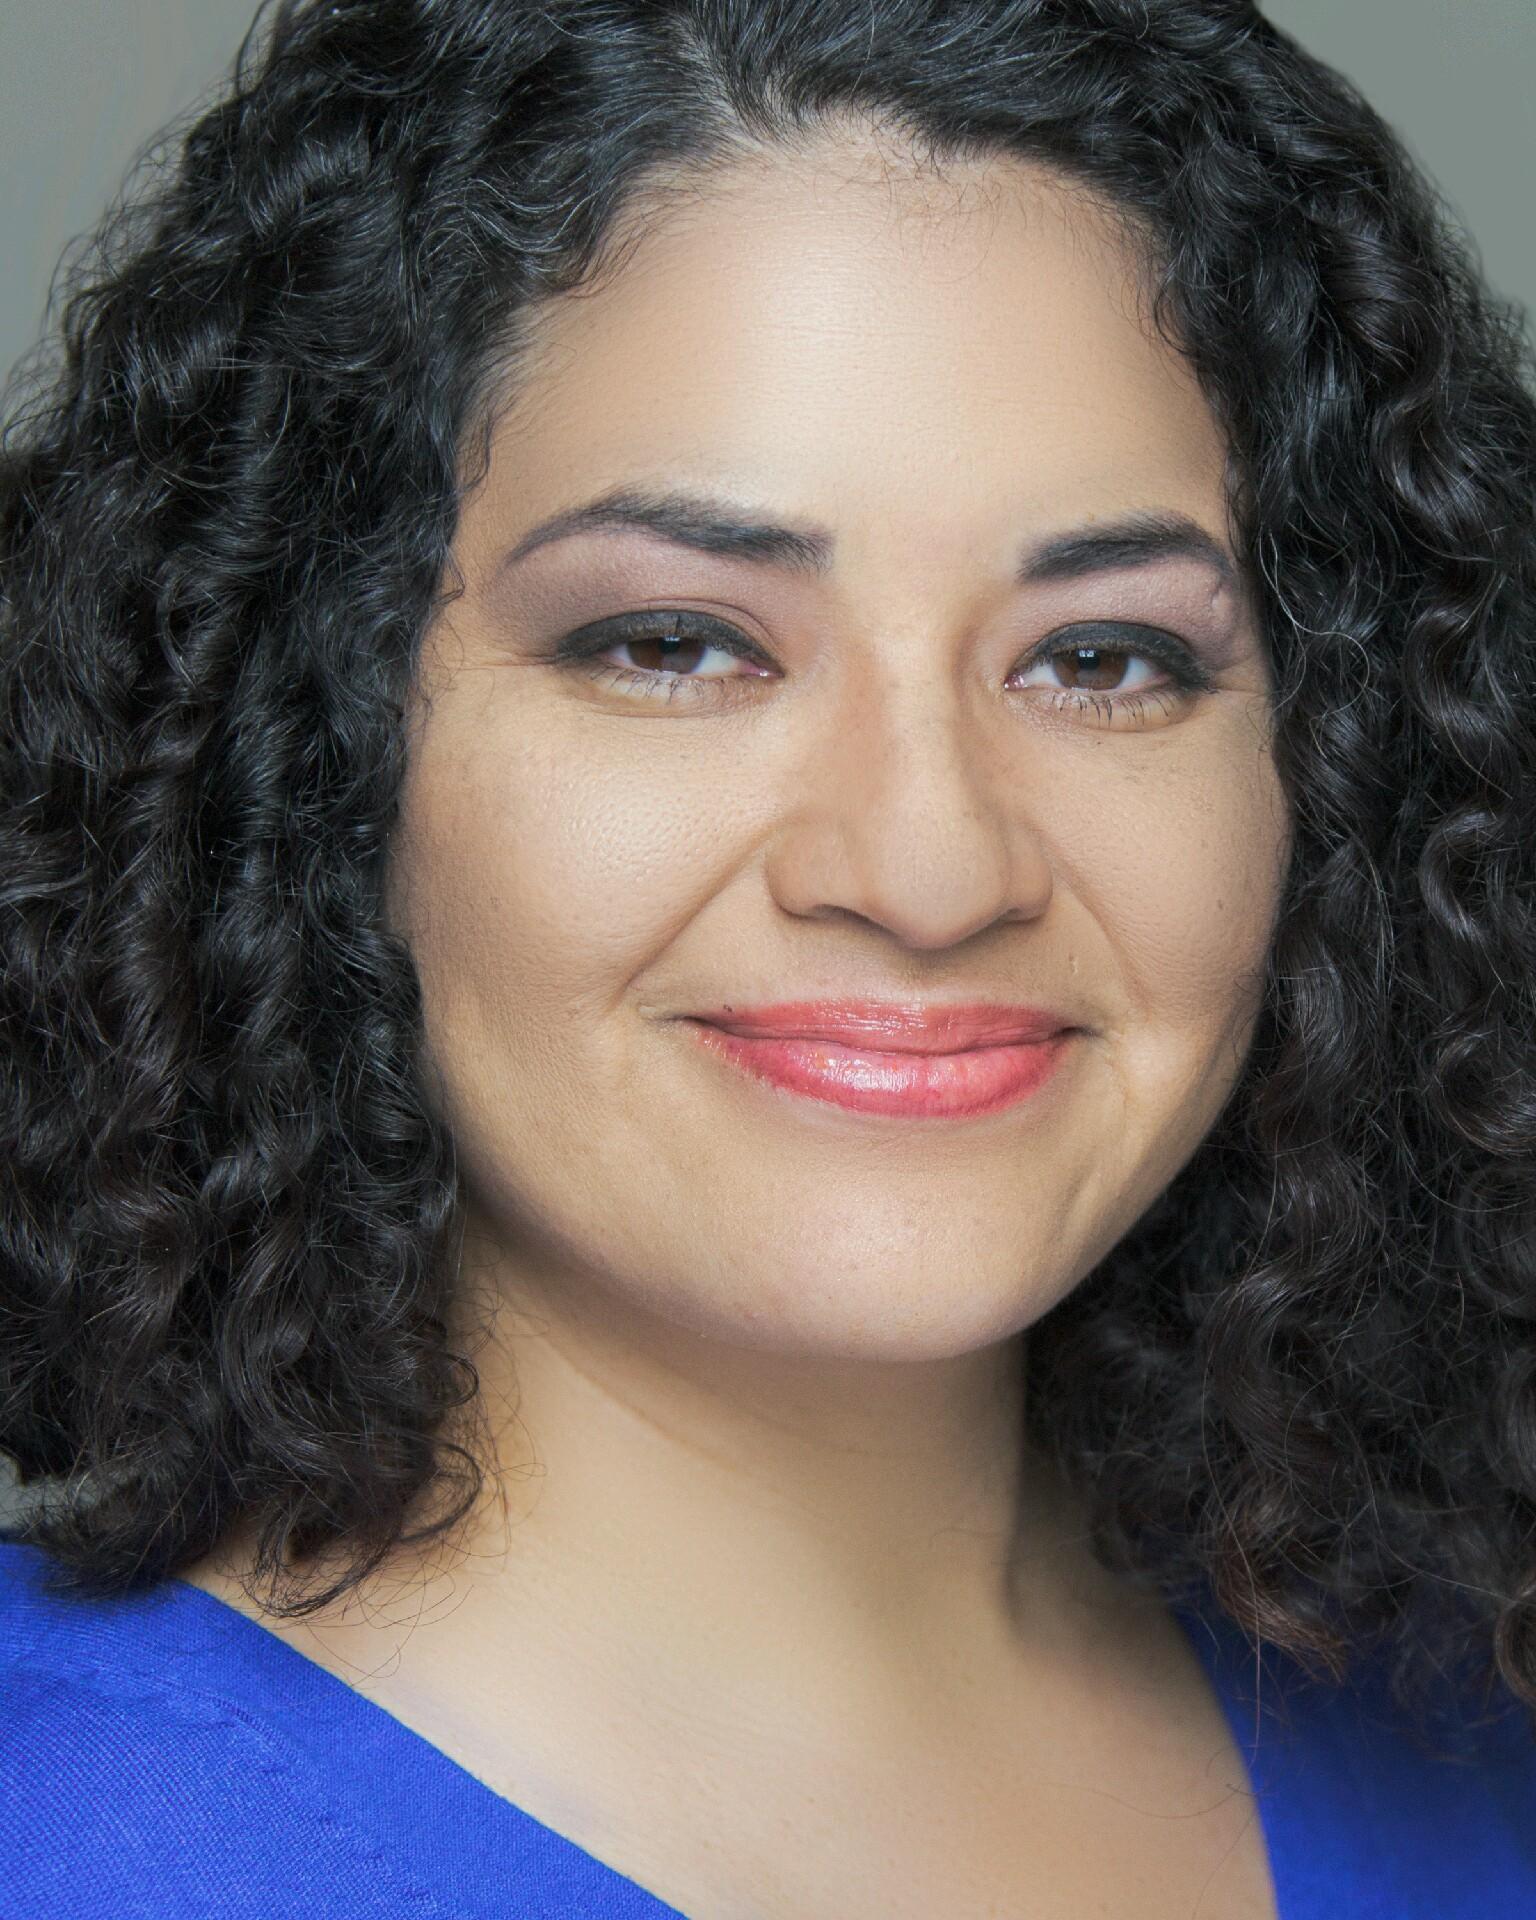 María Teresa Herrera Bustamante